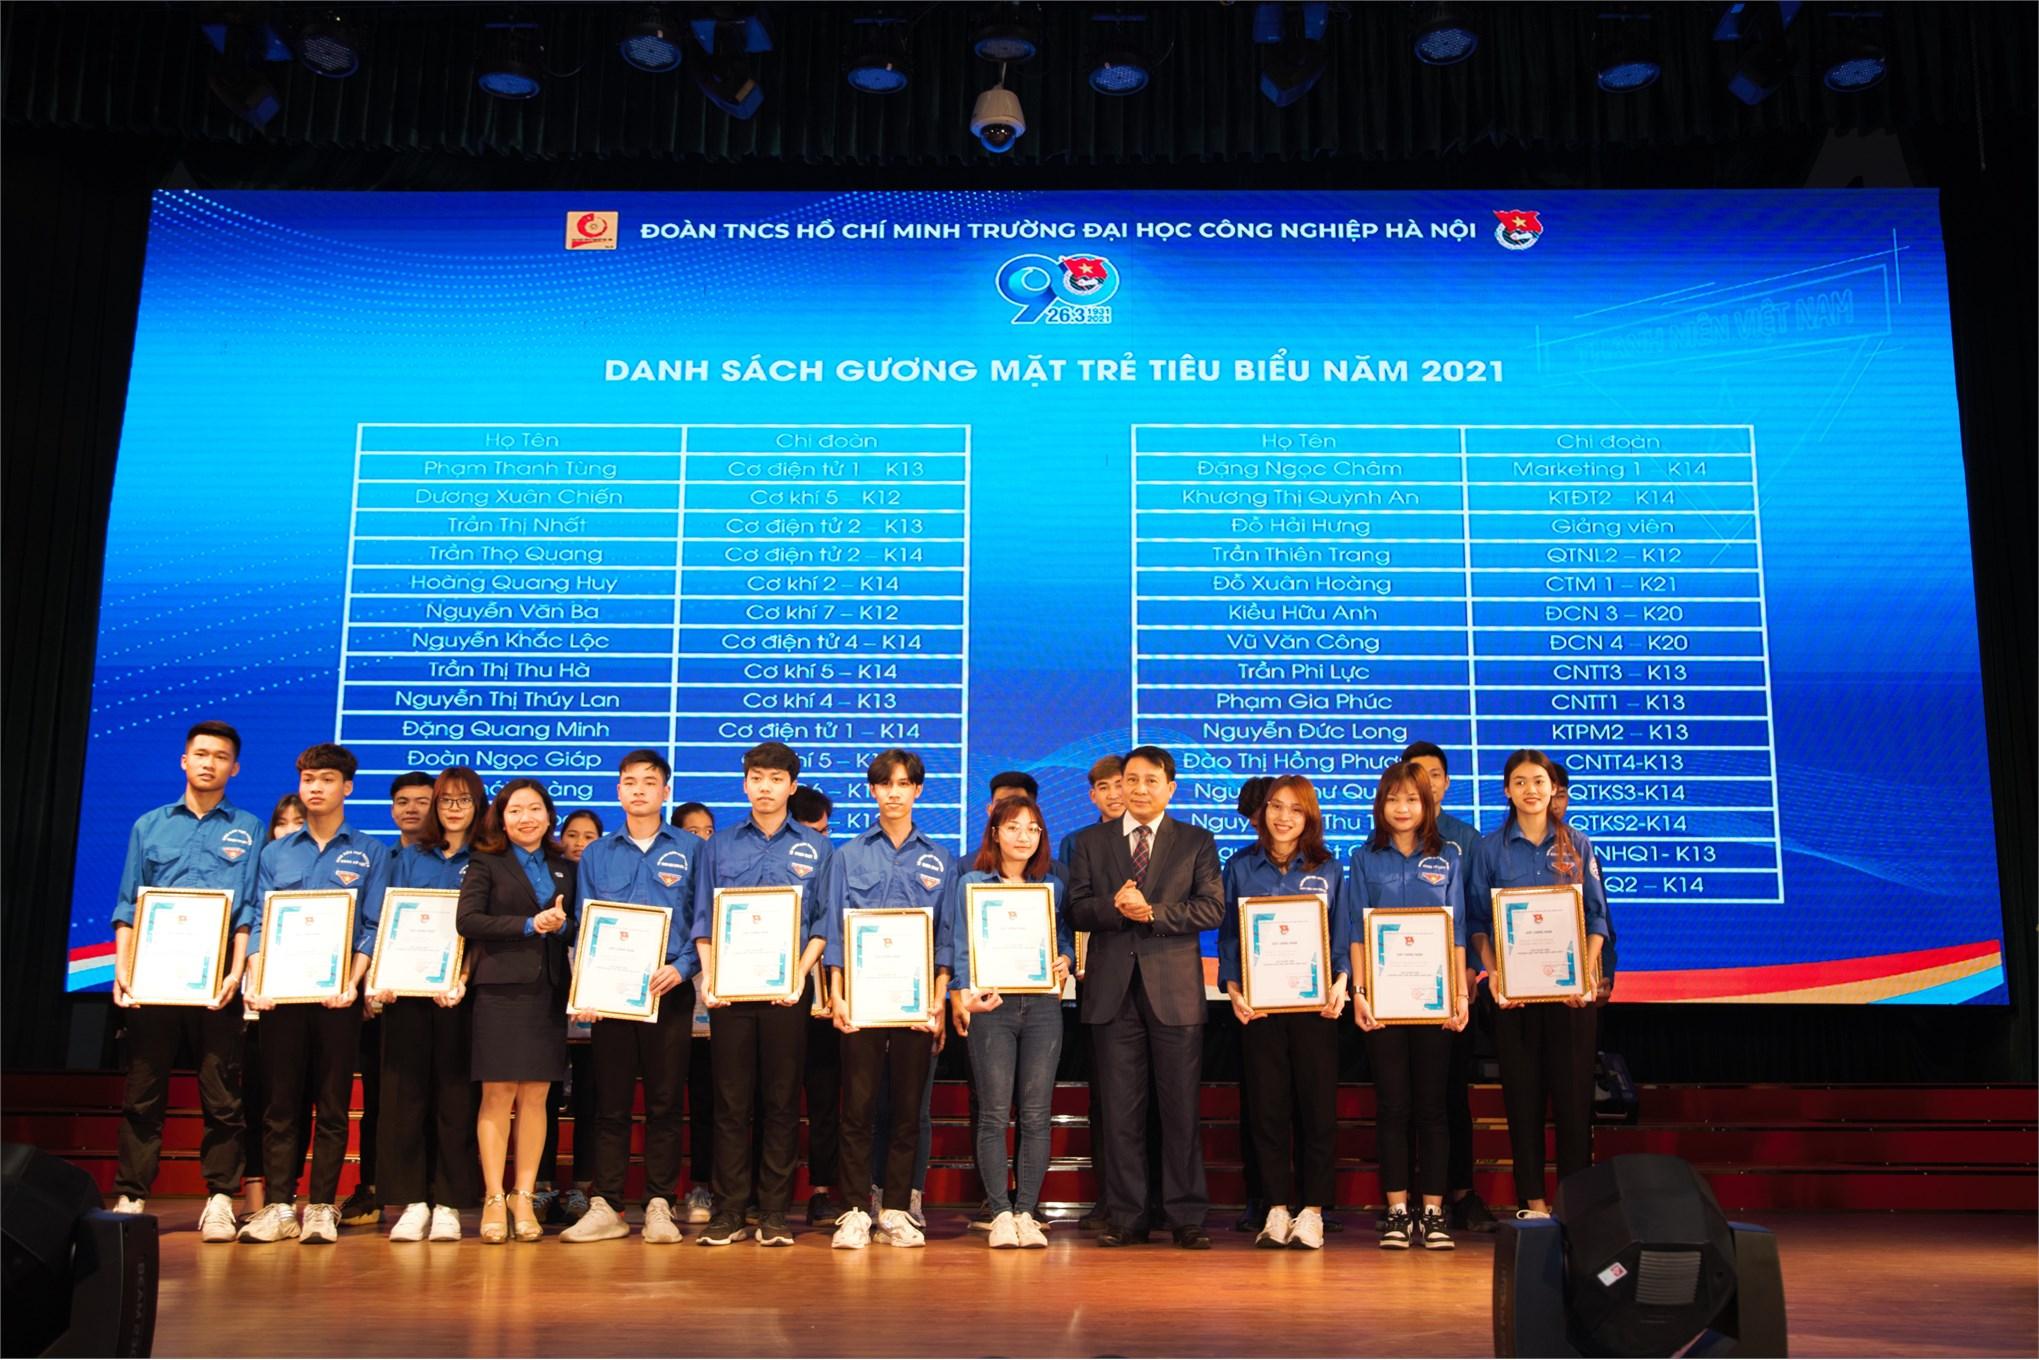 Đoàn Trường ĐHCNHN tổ chức trọng thể Lễ kỷ niệm 90 năm Ngày thành lập Đoàn TNCS Hồ Chí Minh (26/3/1931 - 26/3/2021)